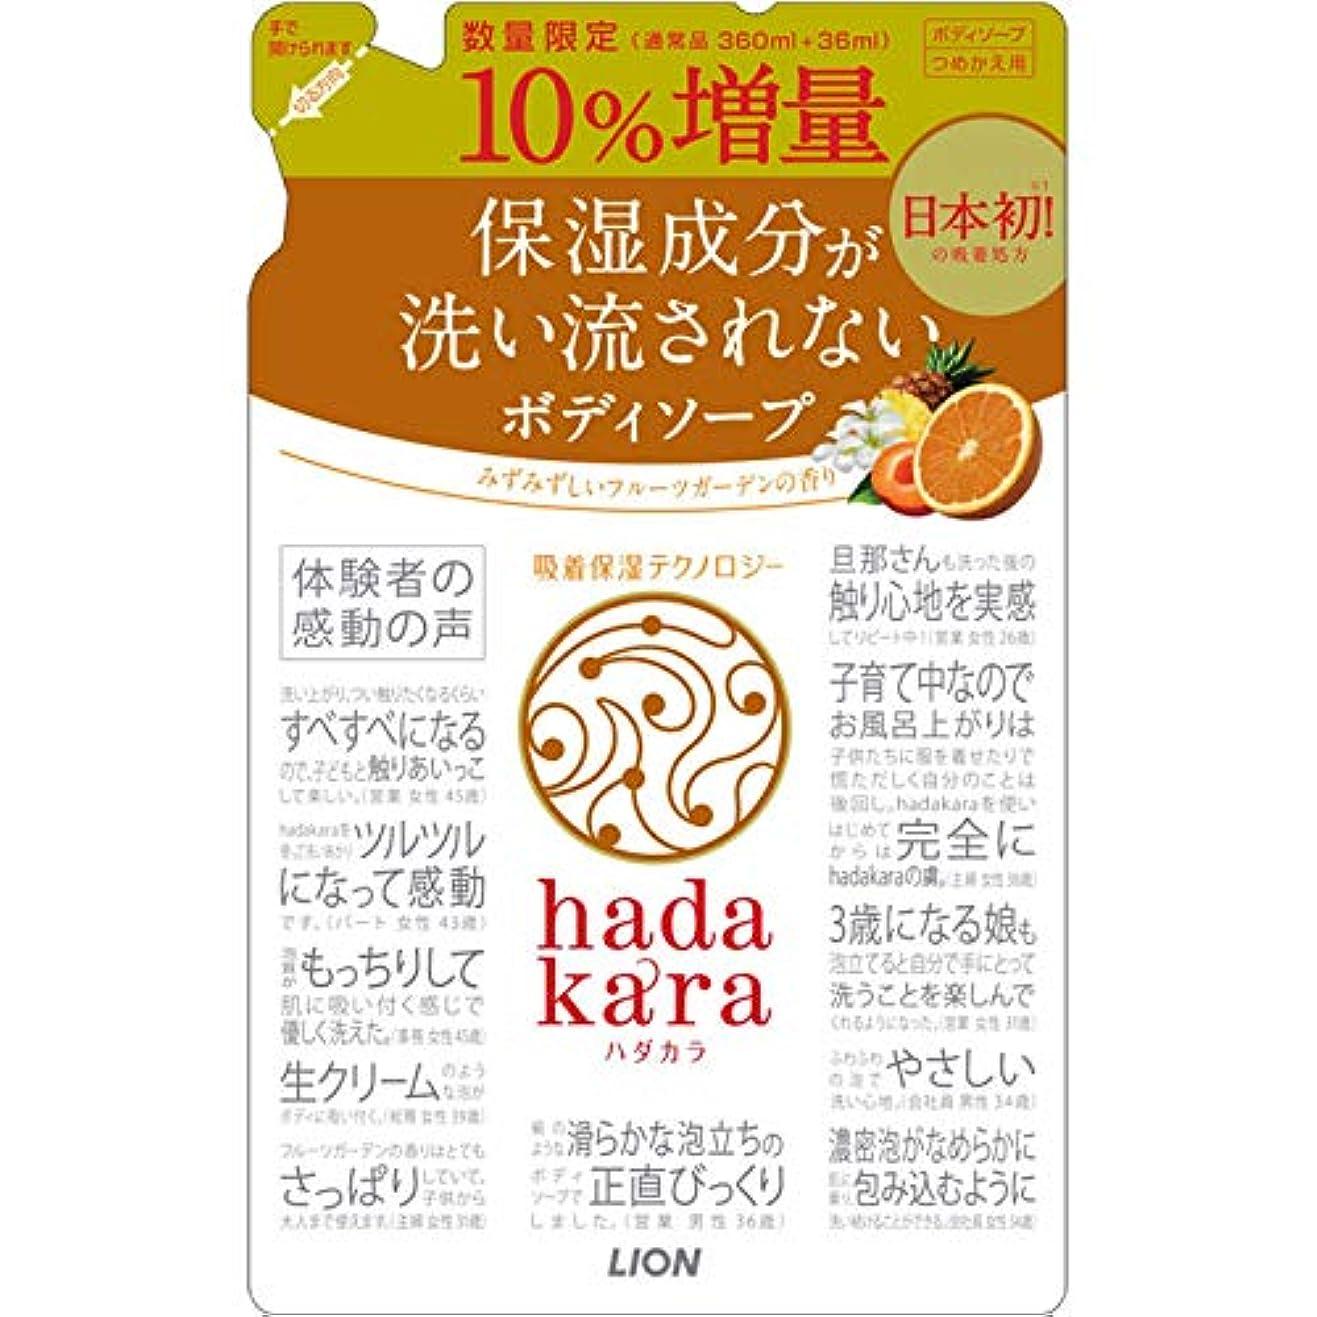 情緒的印象的なビヨン【数量限定】hadakara(ハダカラ) ボディソープ フルーツガーデンの香り つめかえ用 10%増量 396ml